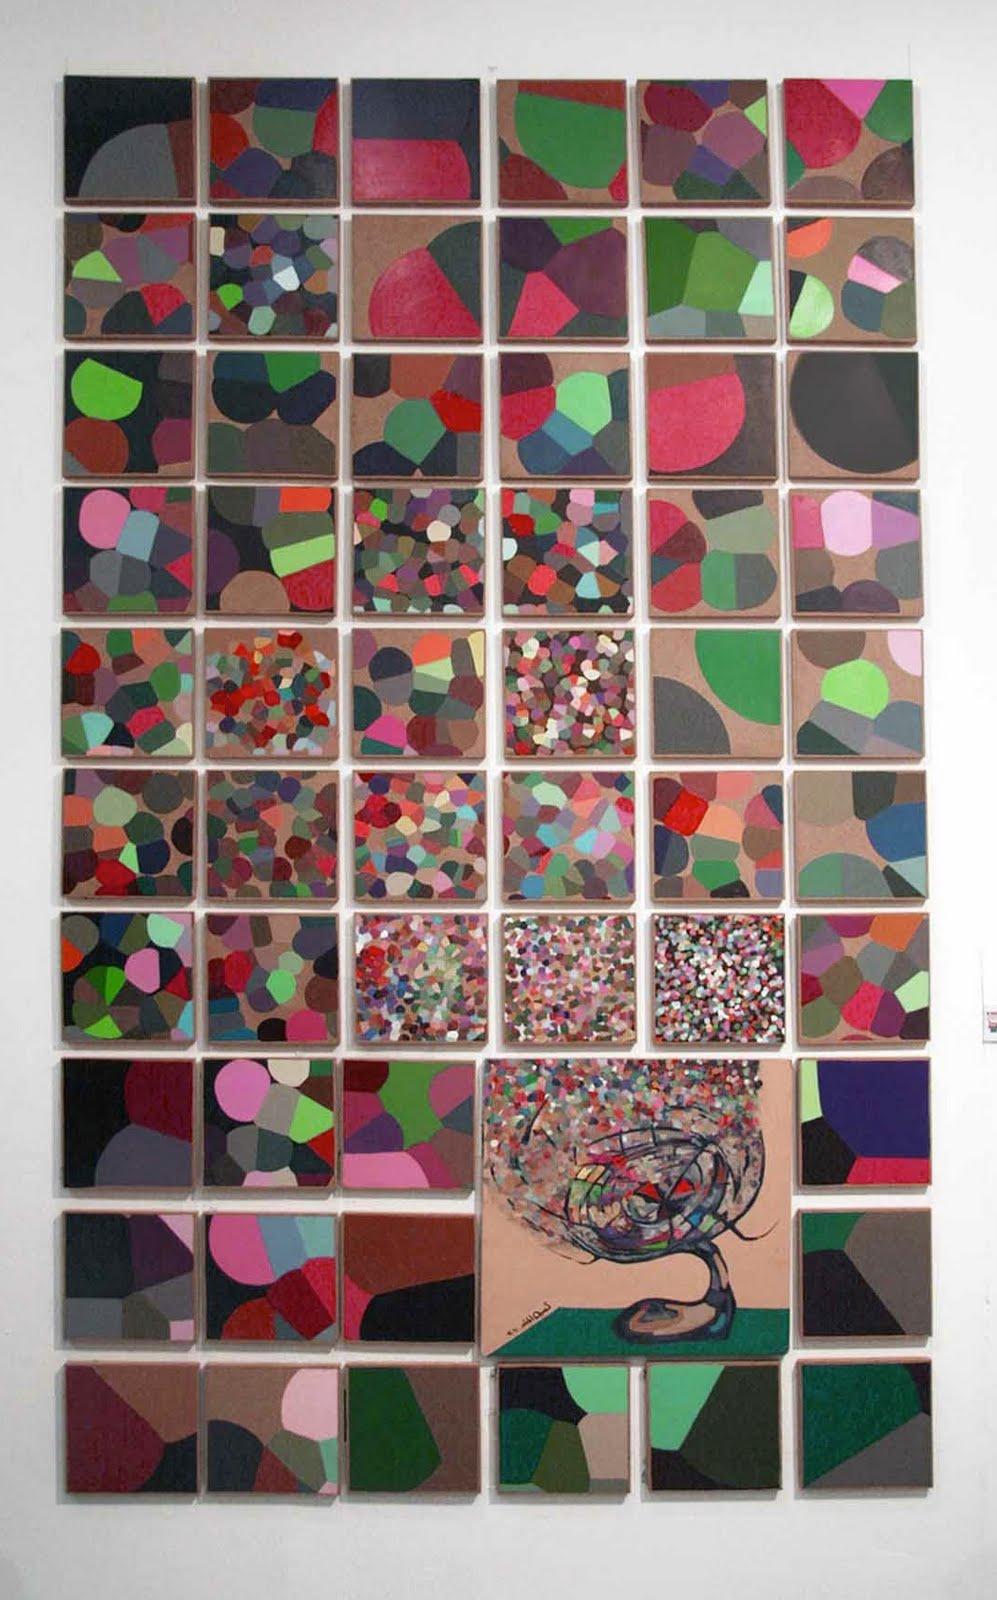 Particles by Tasneem El Meshad